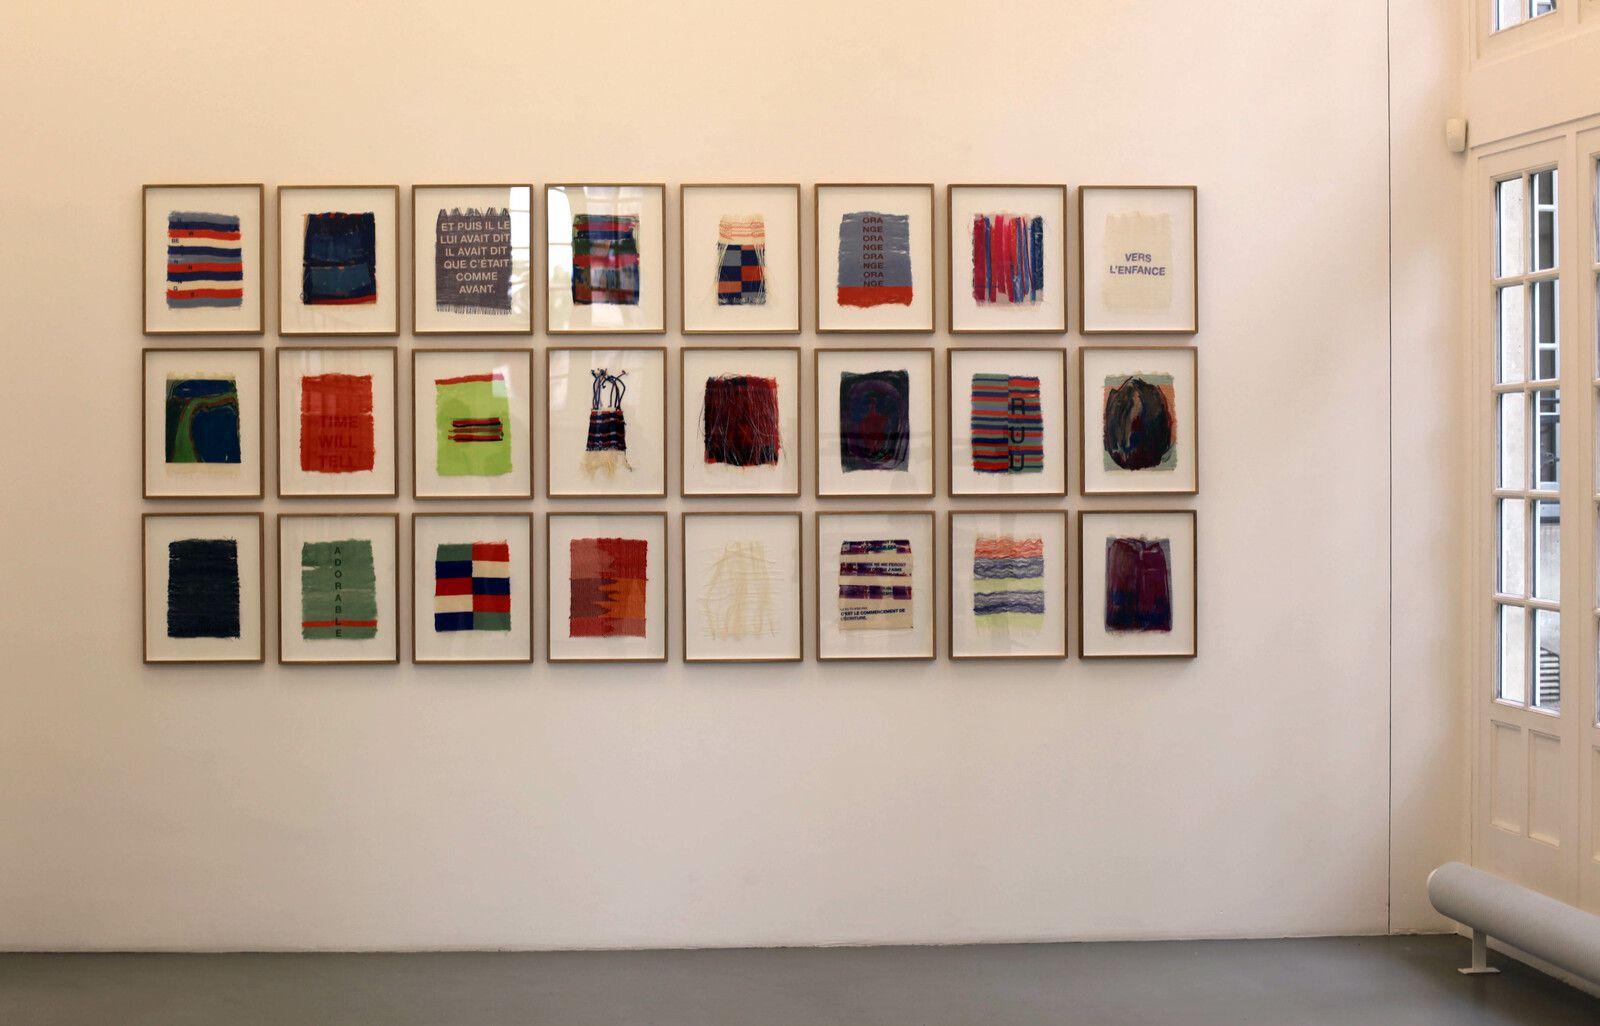 Vue de l'exposoition de Marie HAZARD -Courtesy de l'artiste et de la galerie Mitterrand © Photo Éric Simon